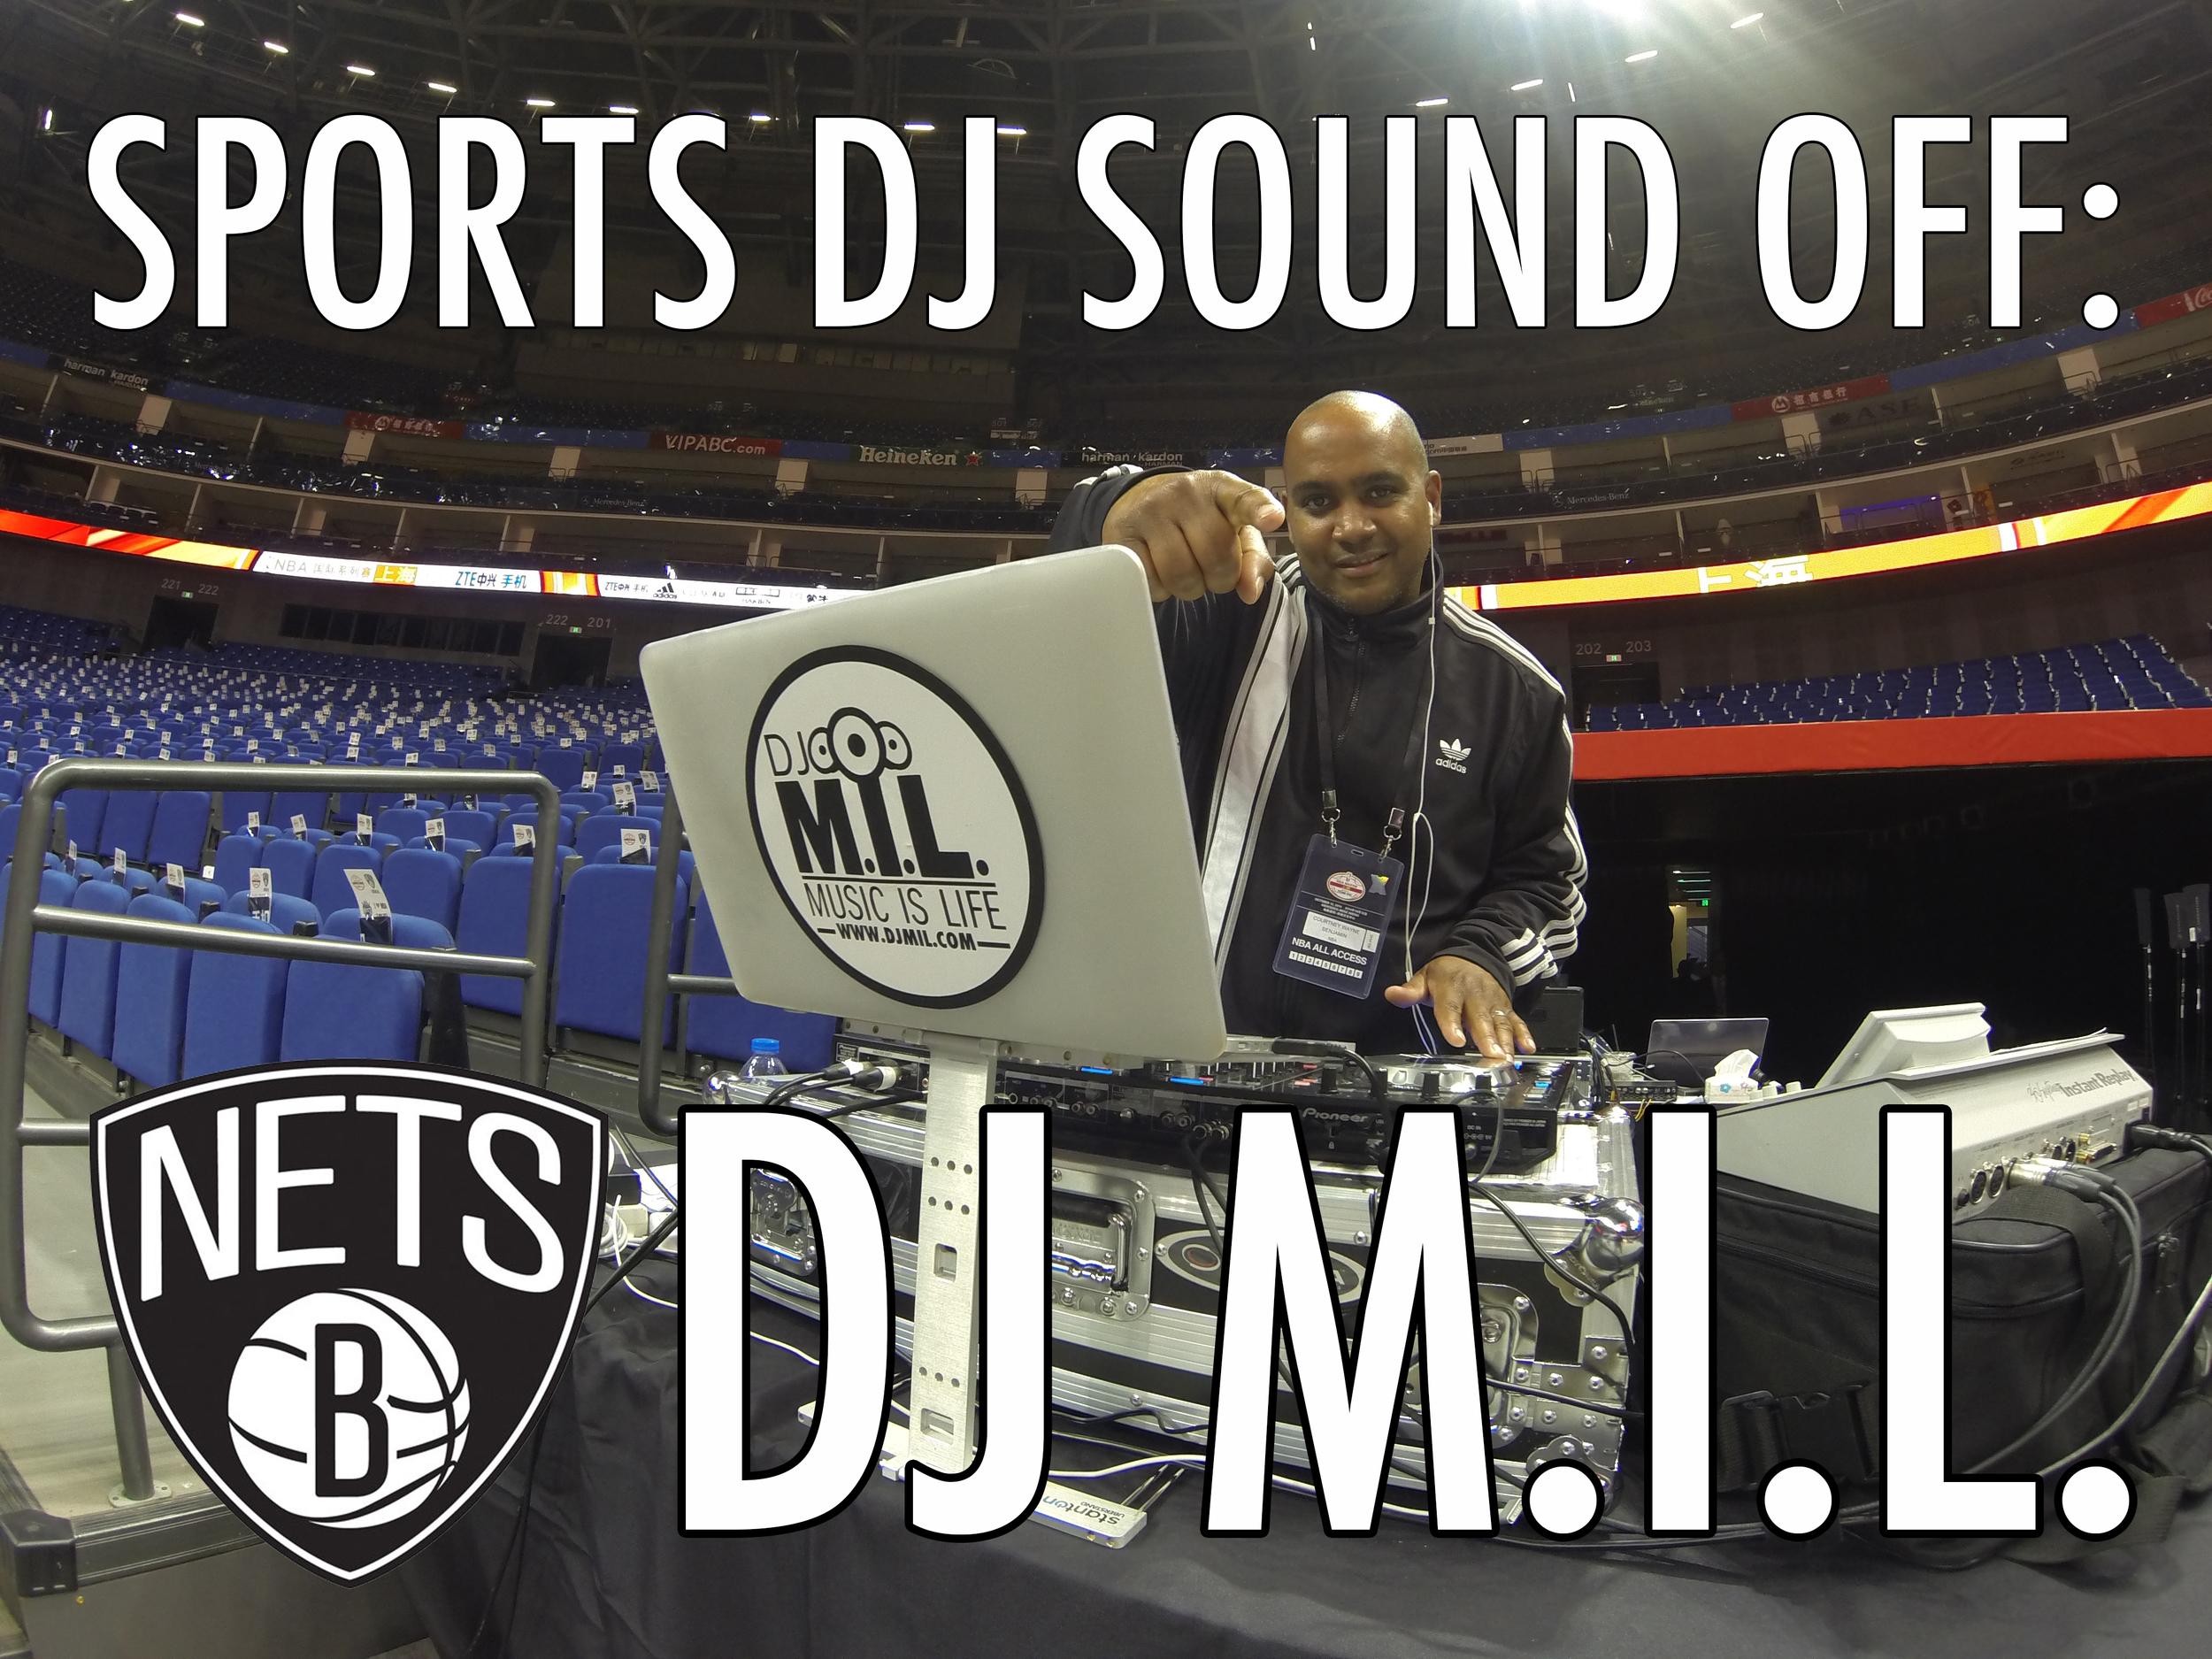 Sports DJ Sound OFF DJ M.I.L. Graphic.jpg